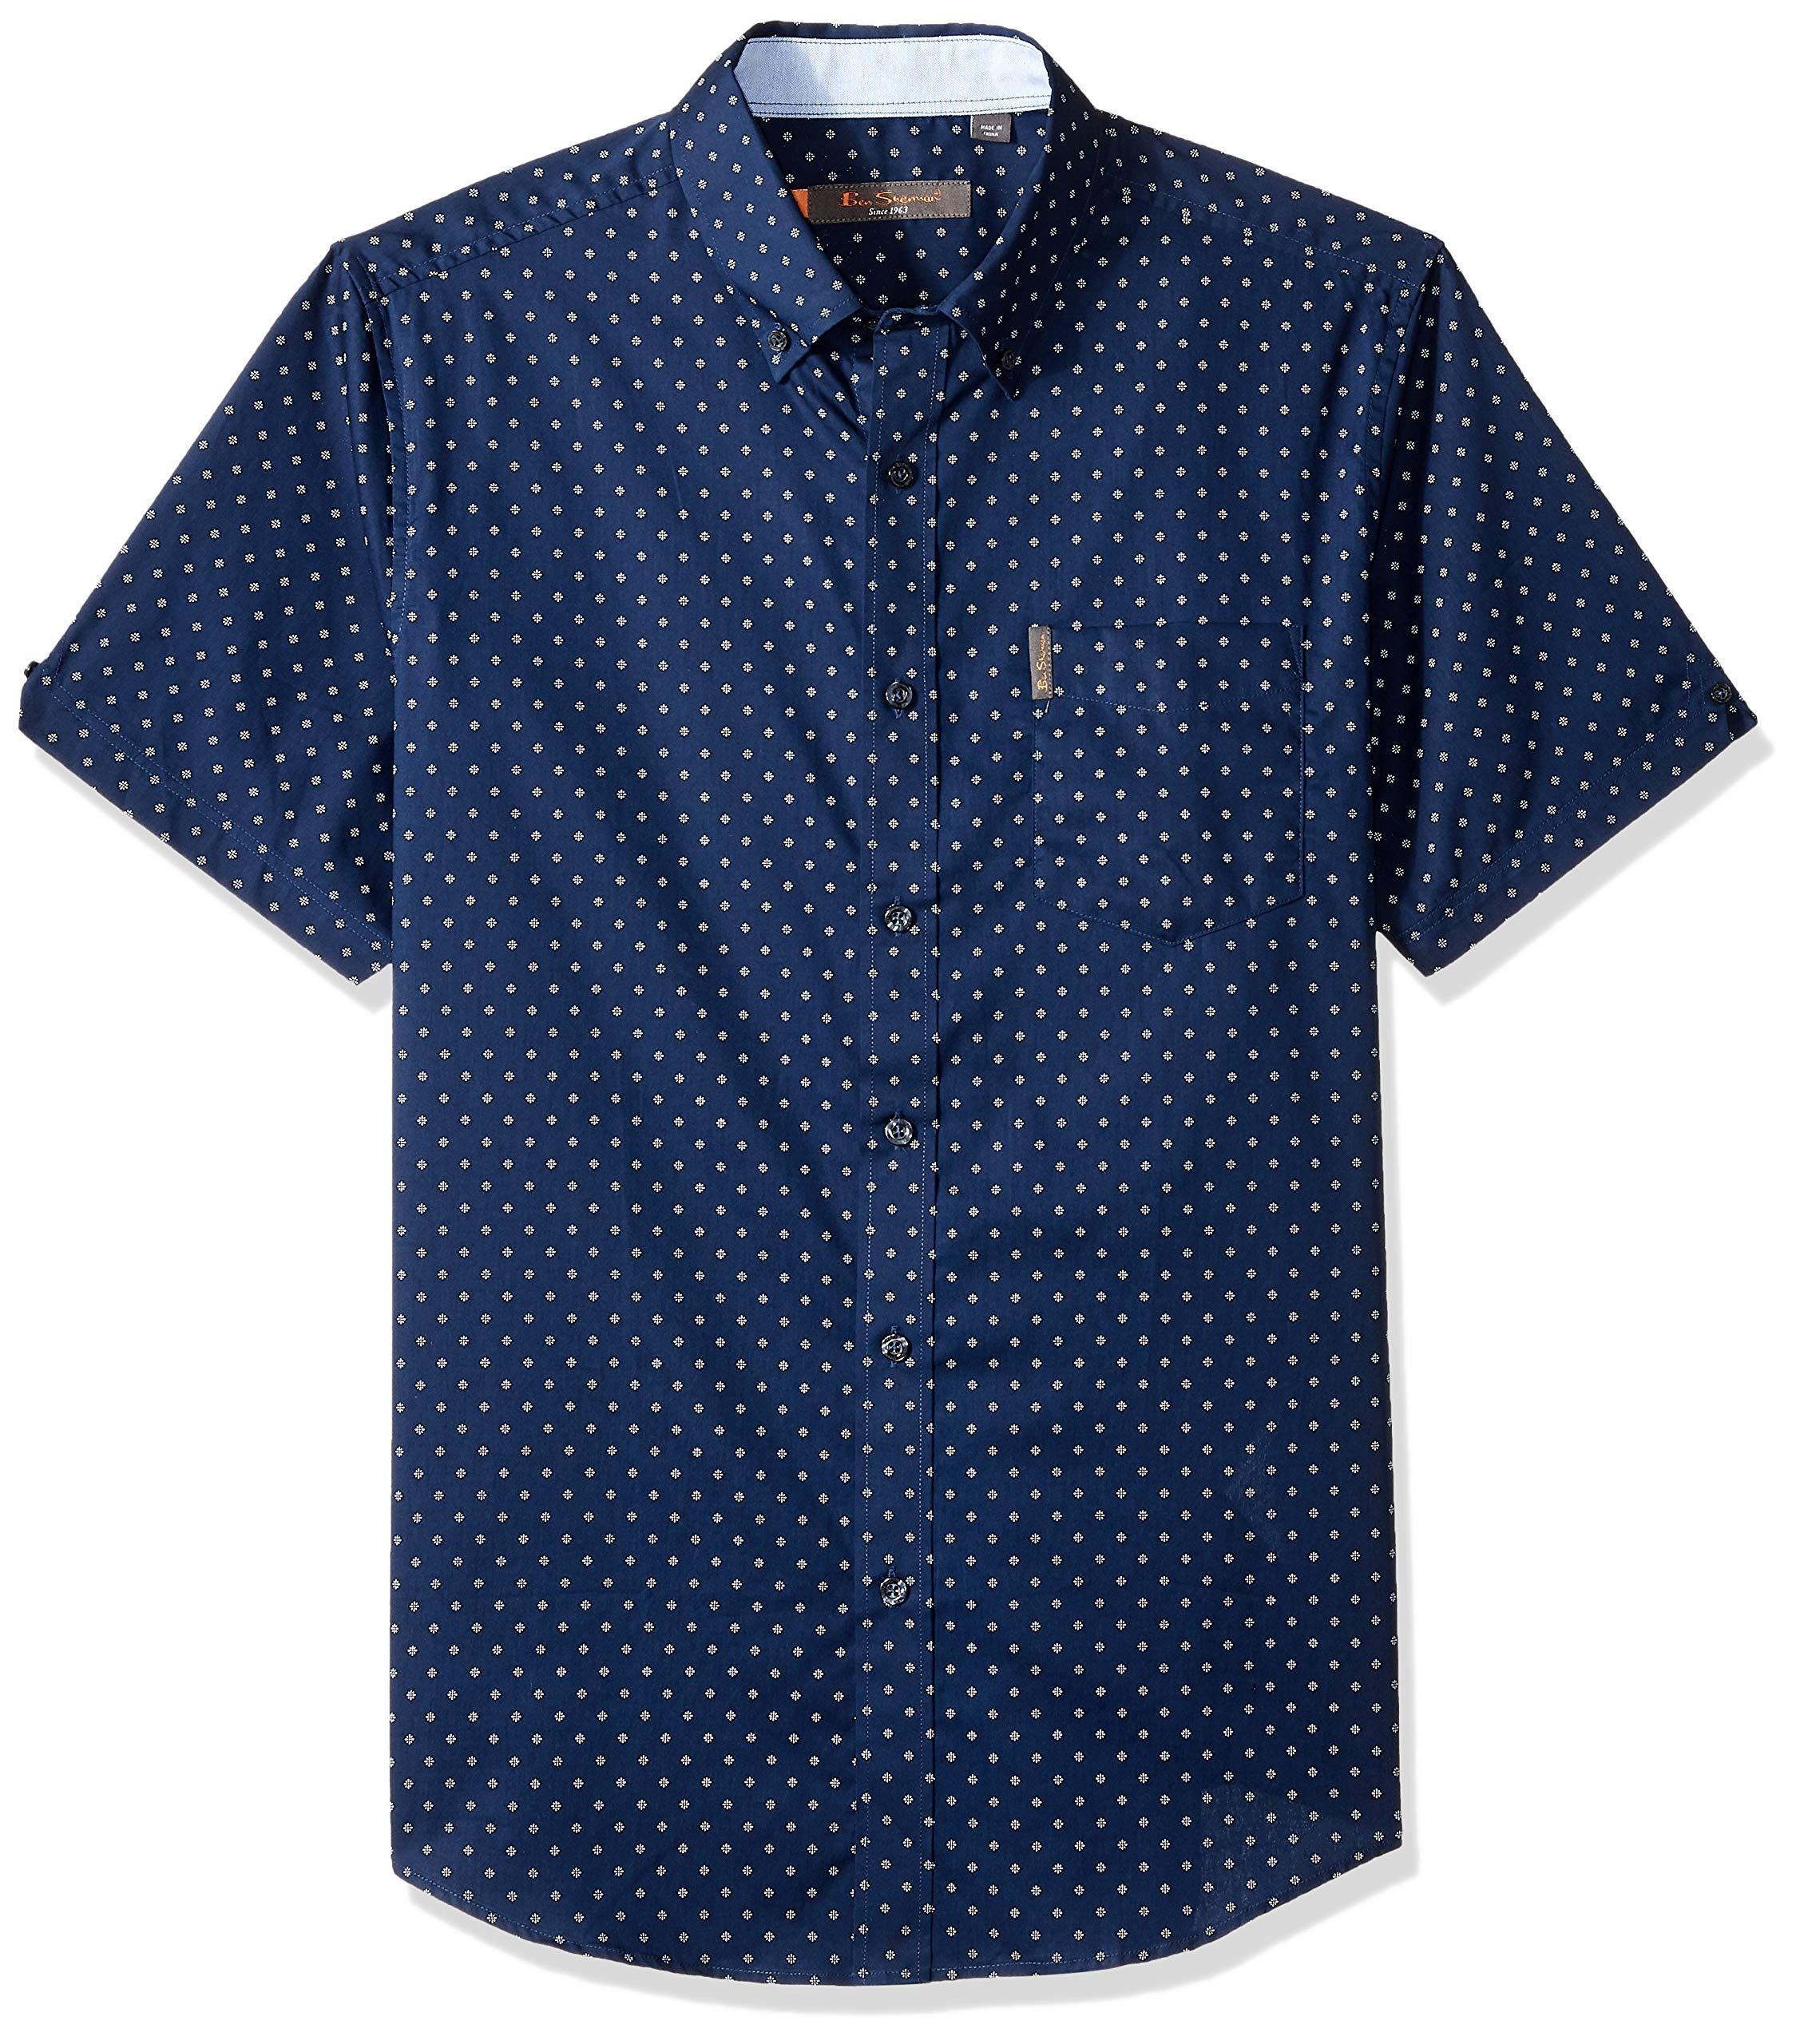 Ben Sherman Men's SS Starburst Print Shirt, Navy, L